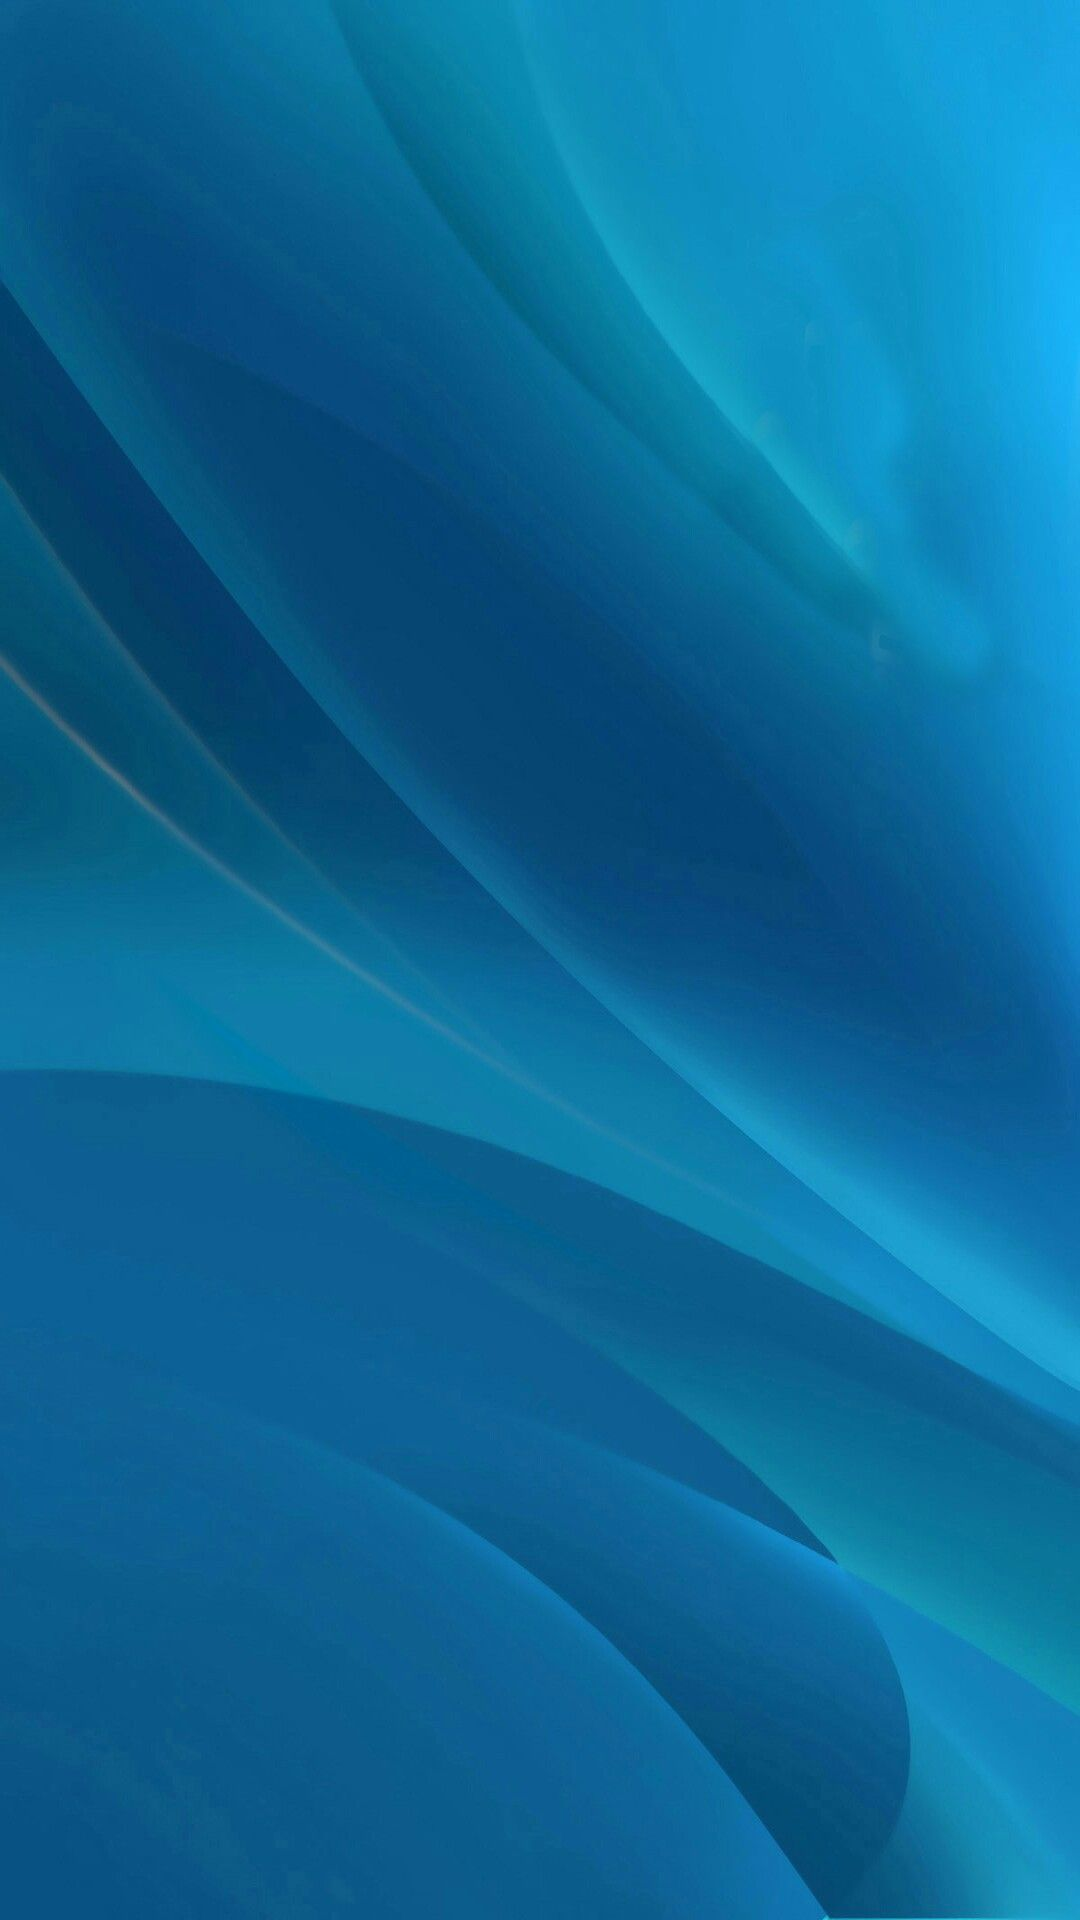 Download 500+ Wallpaper Biru Cyan  Terbaru